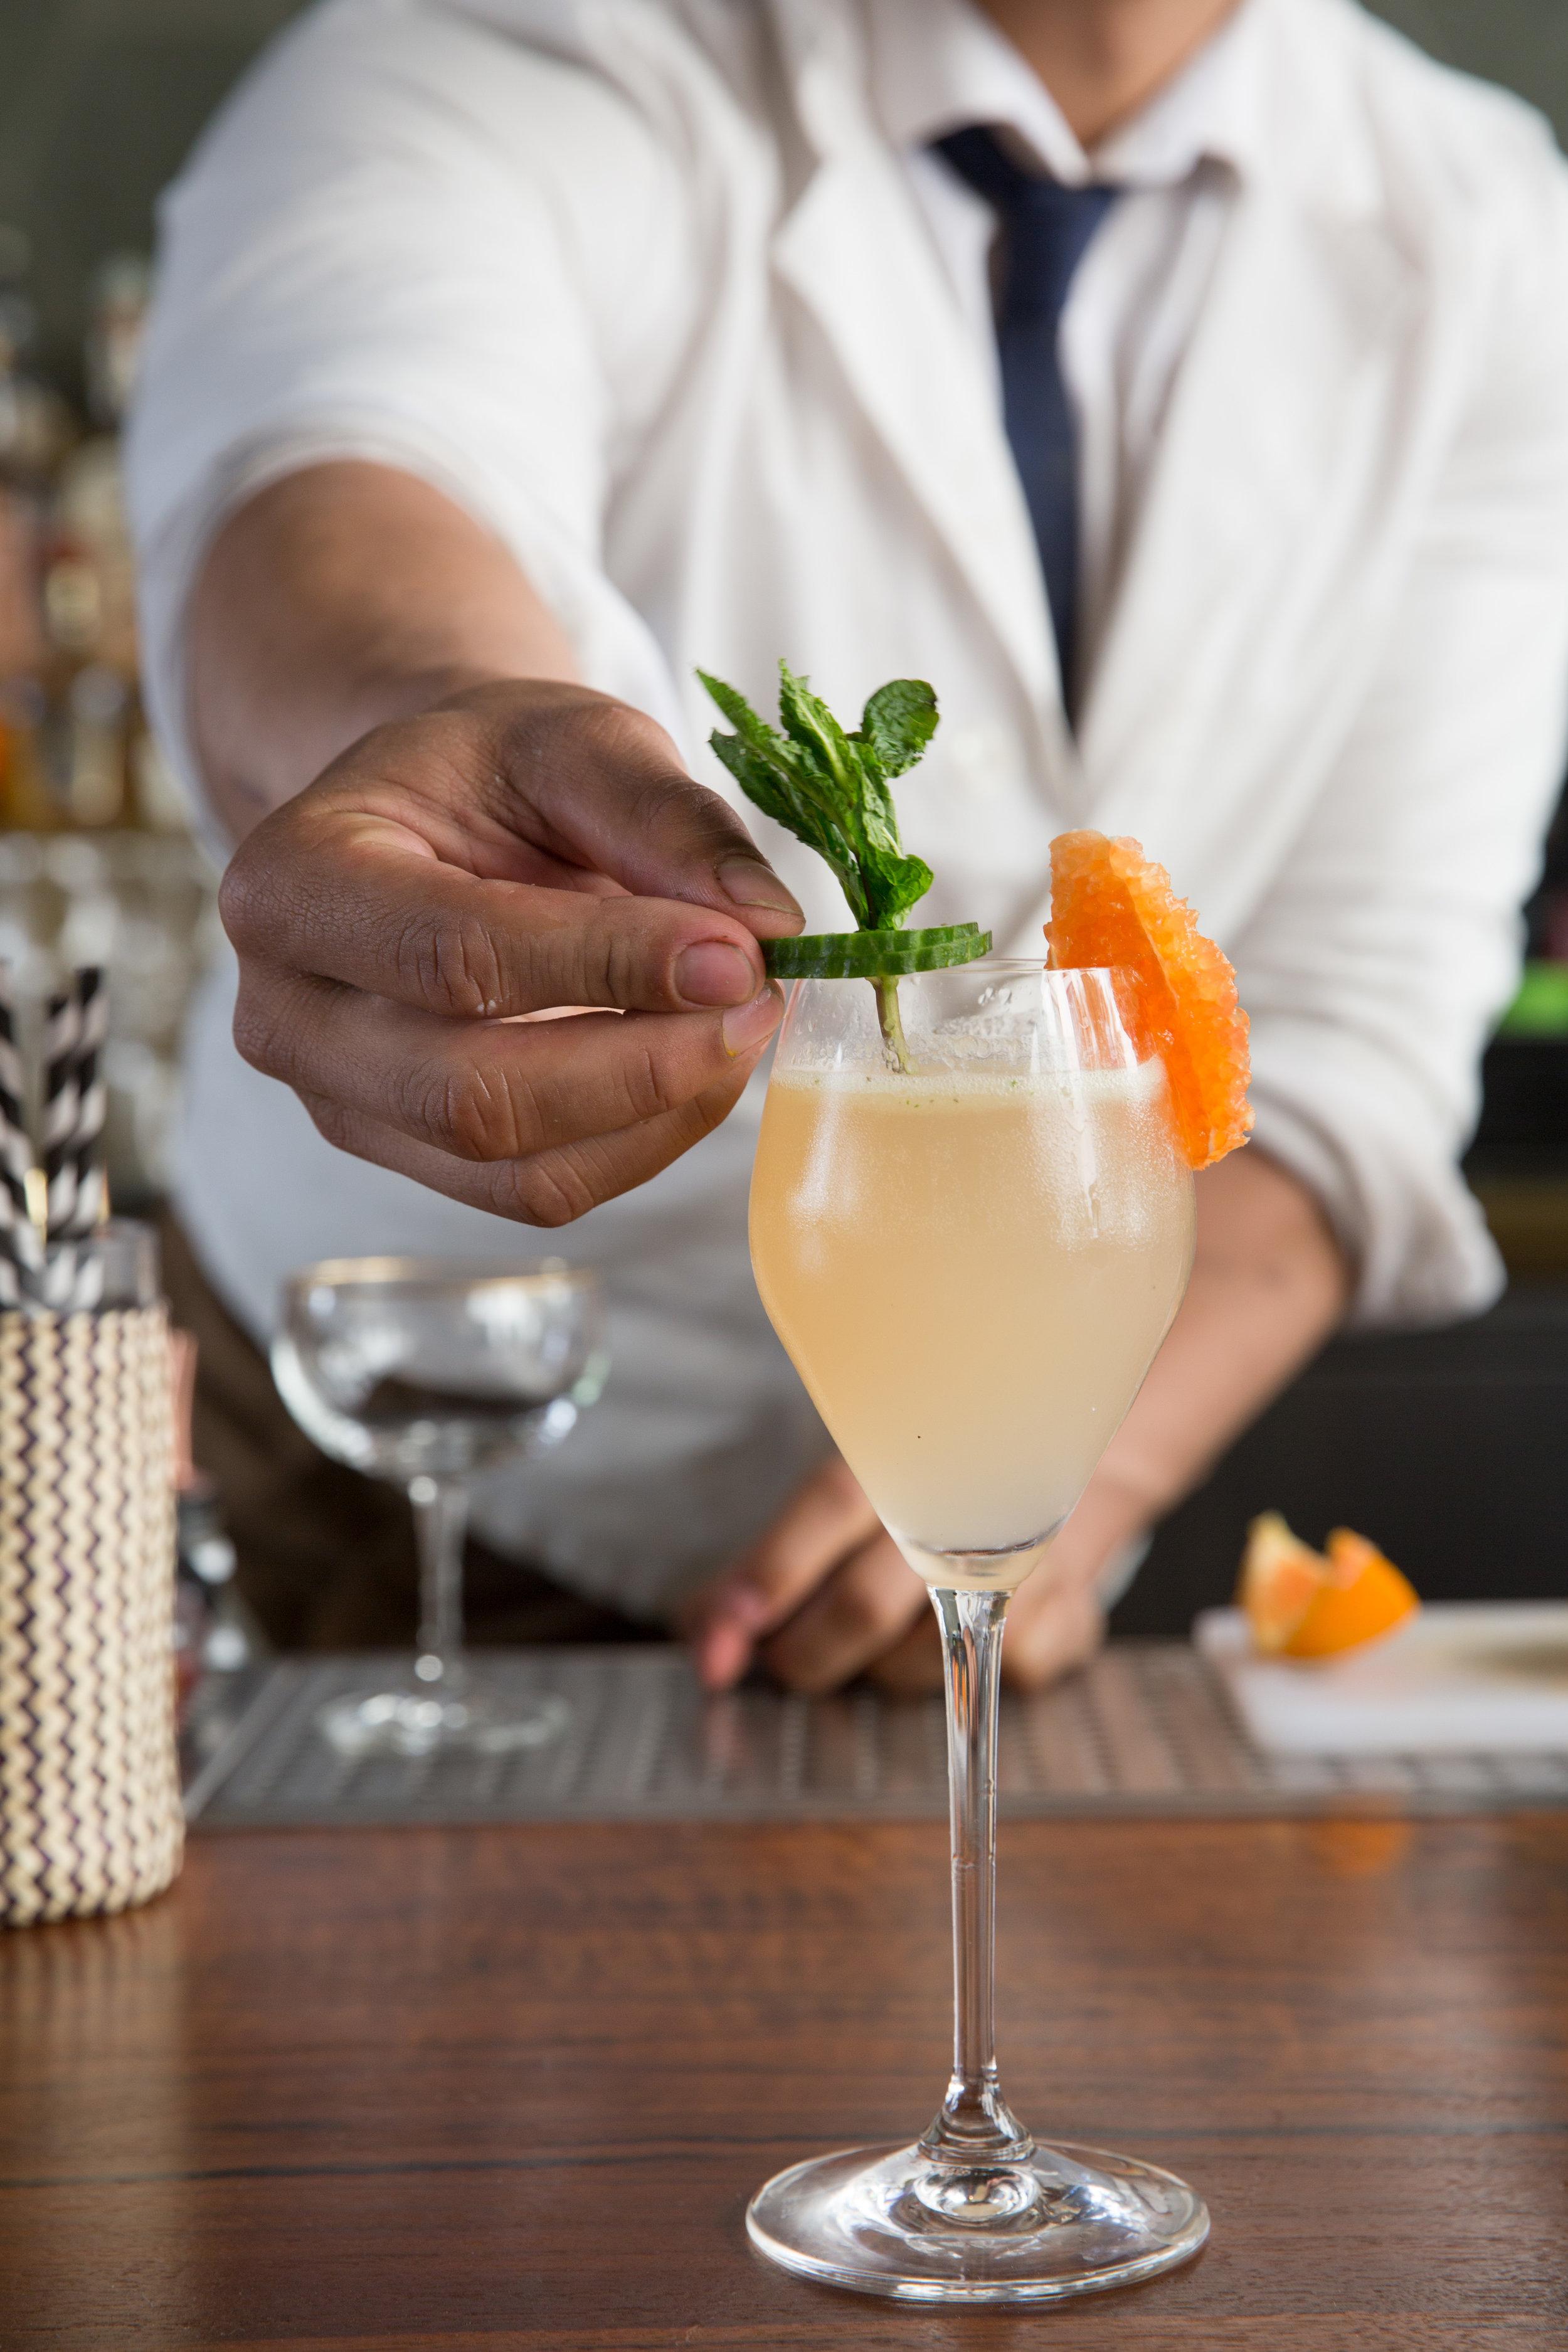 NatashaLee-cocktail-5637.jpg